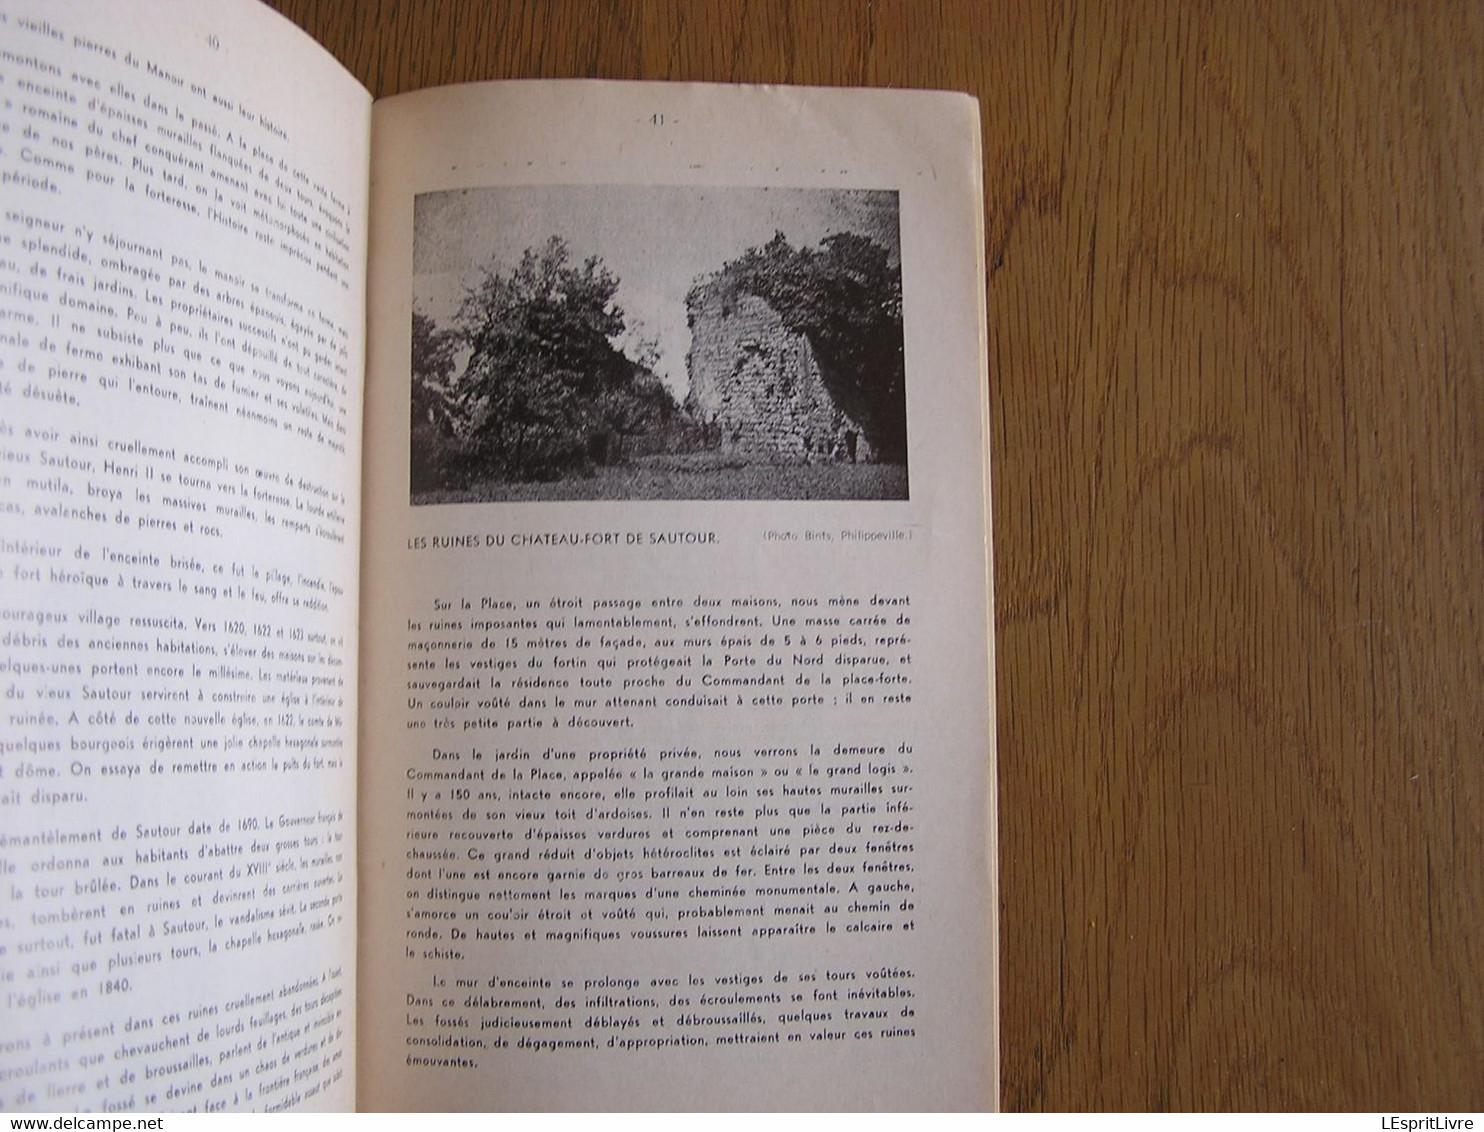 LA ROUTE DES FORTERESSE 5 Siècles Régionalisme Philippeville Samart Roly Sautour Histoire Château Fortifications Ferme - Belgio